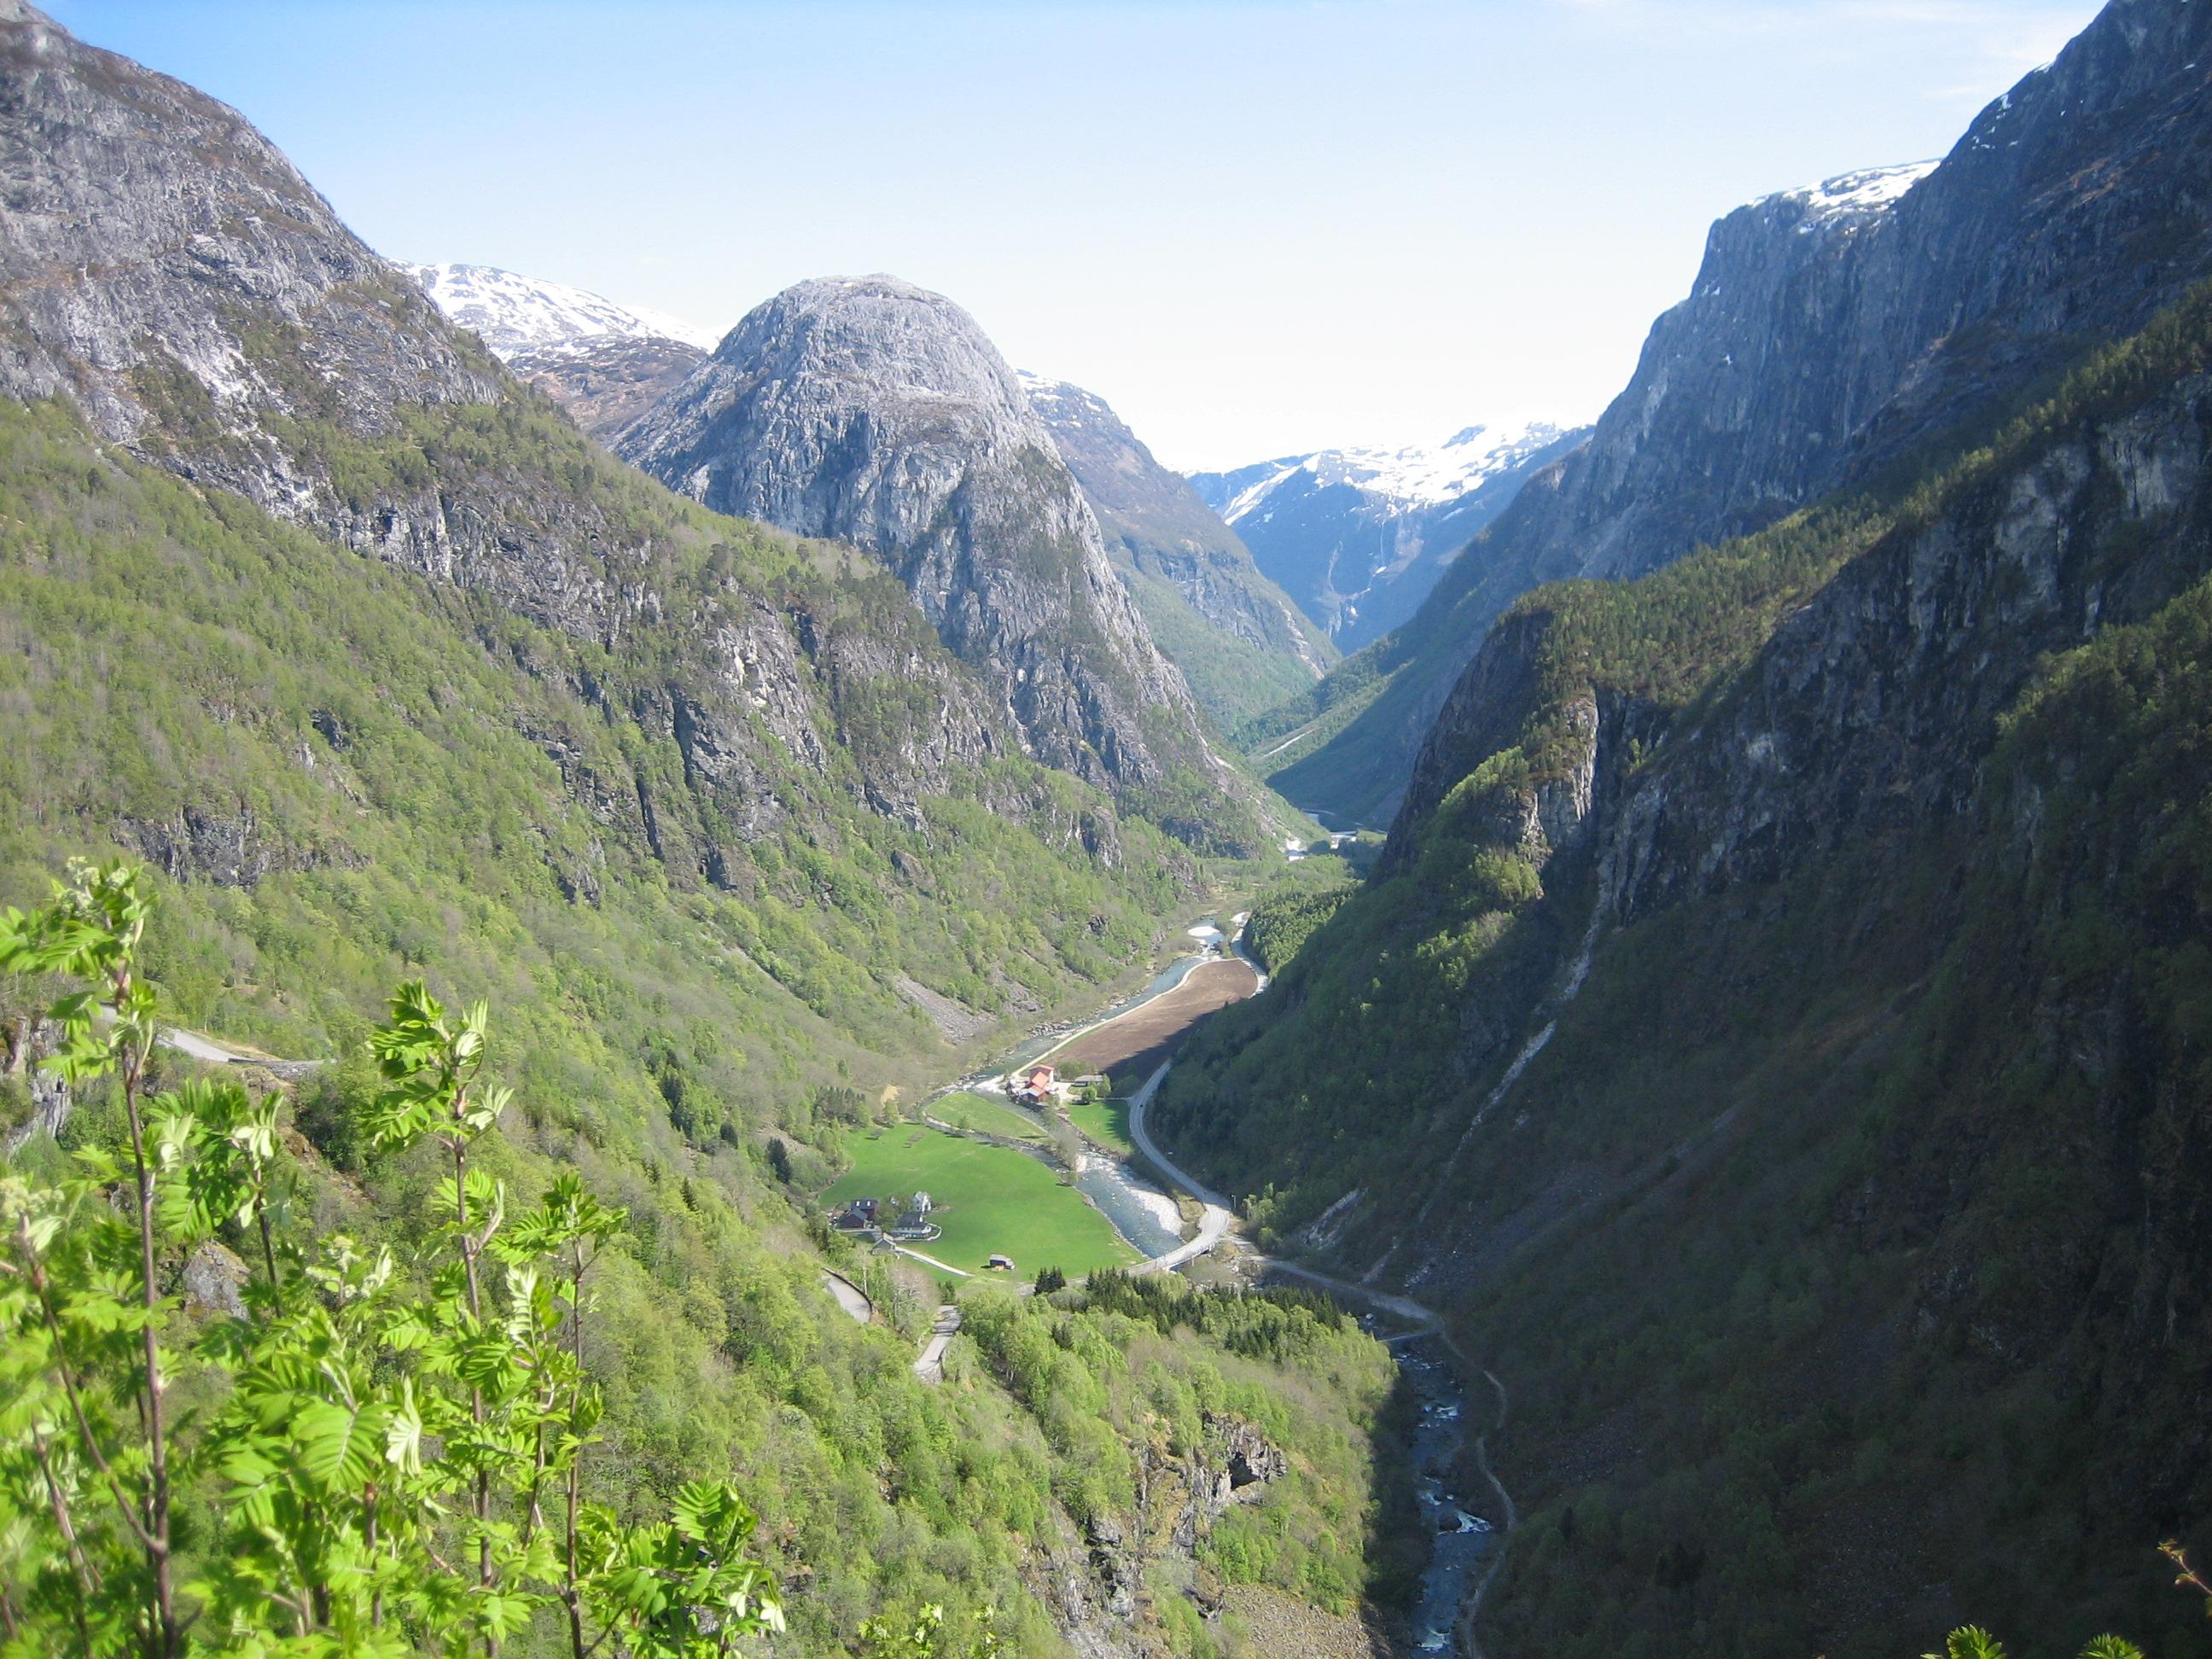 スタルハイム渓谷 ノルウエーの典型的な渓谷。 画になる。国立美術館にある画とそっくり。 ...